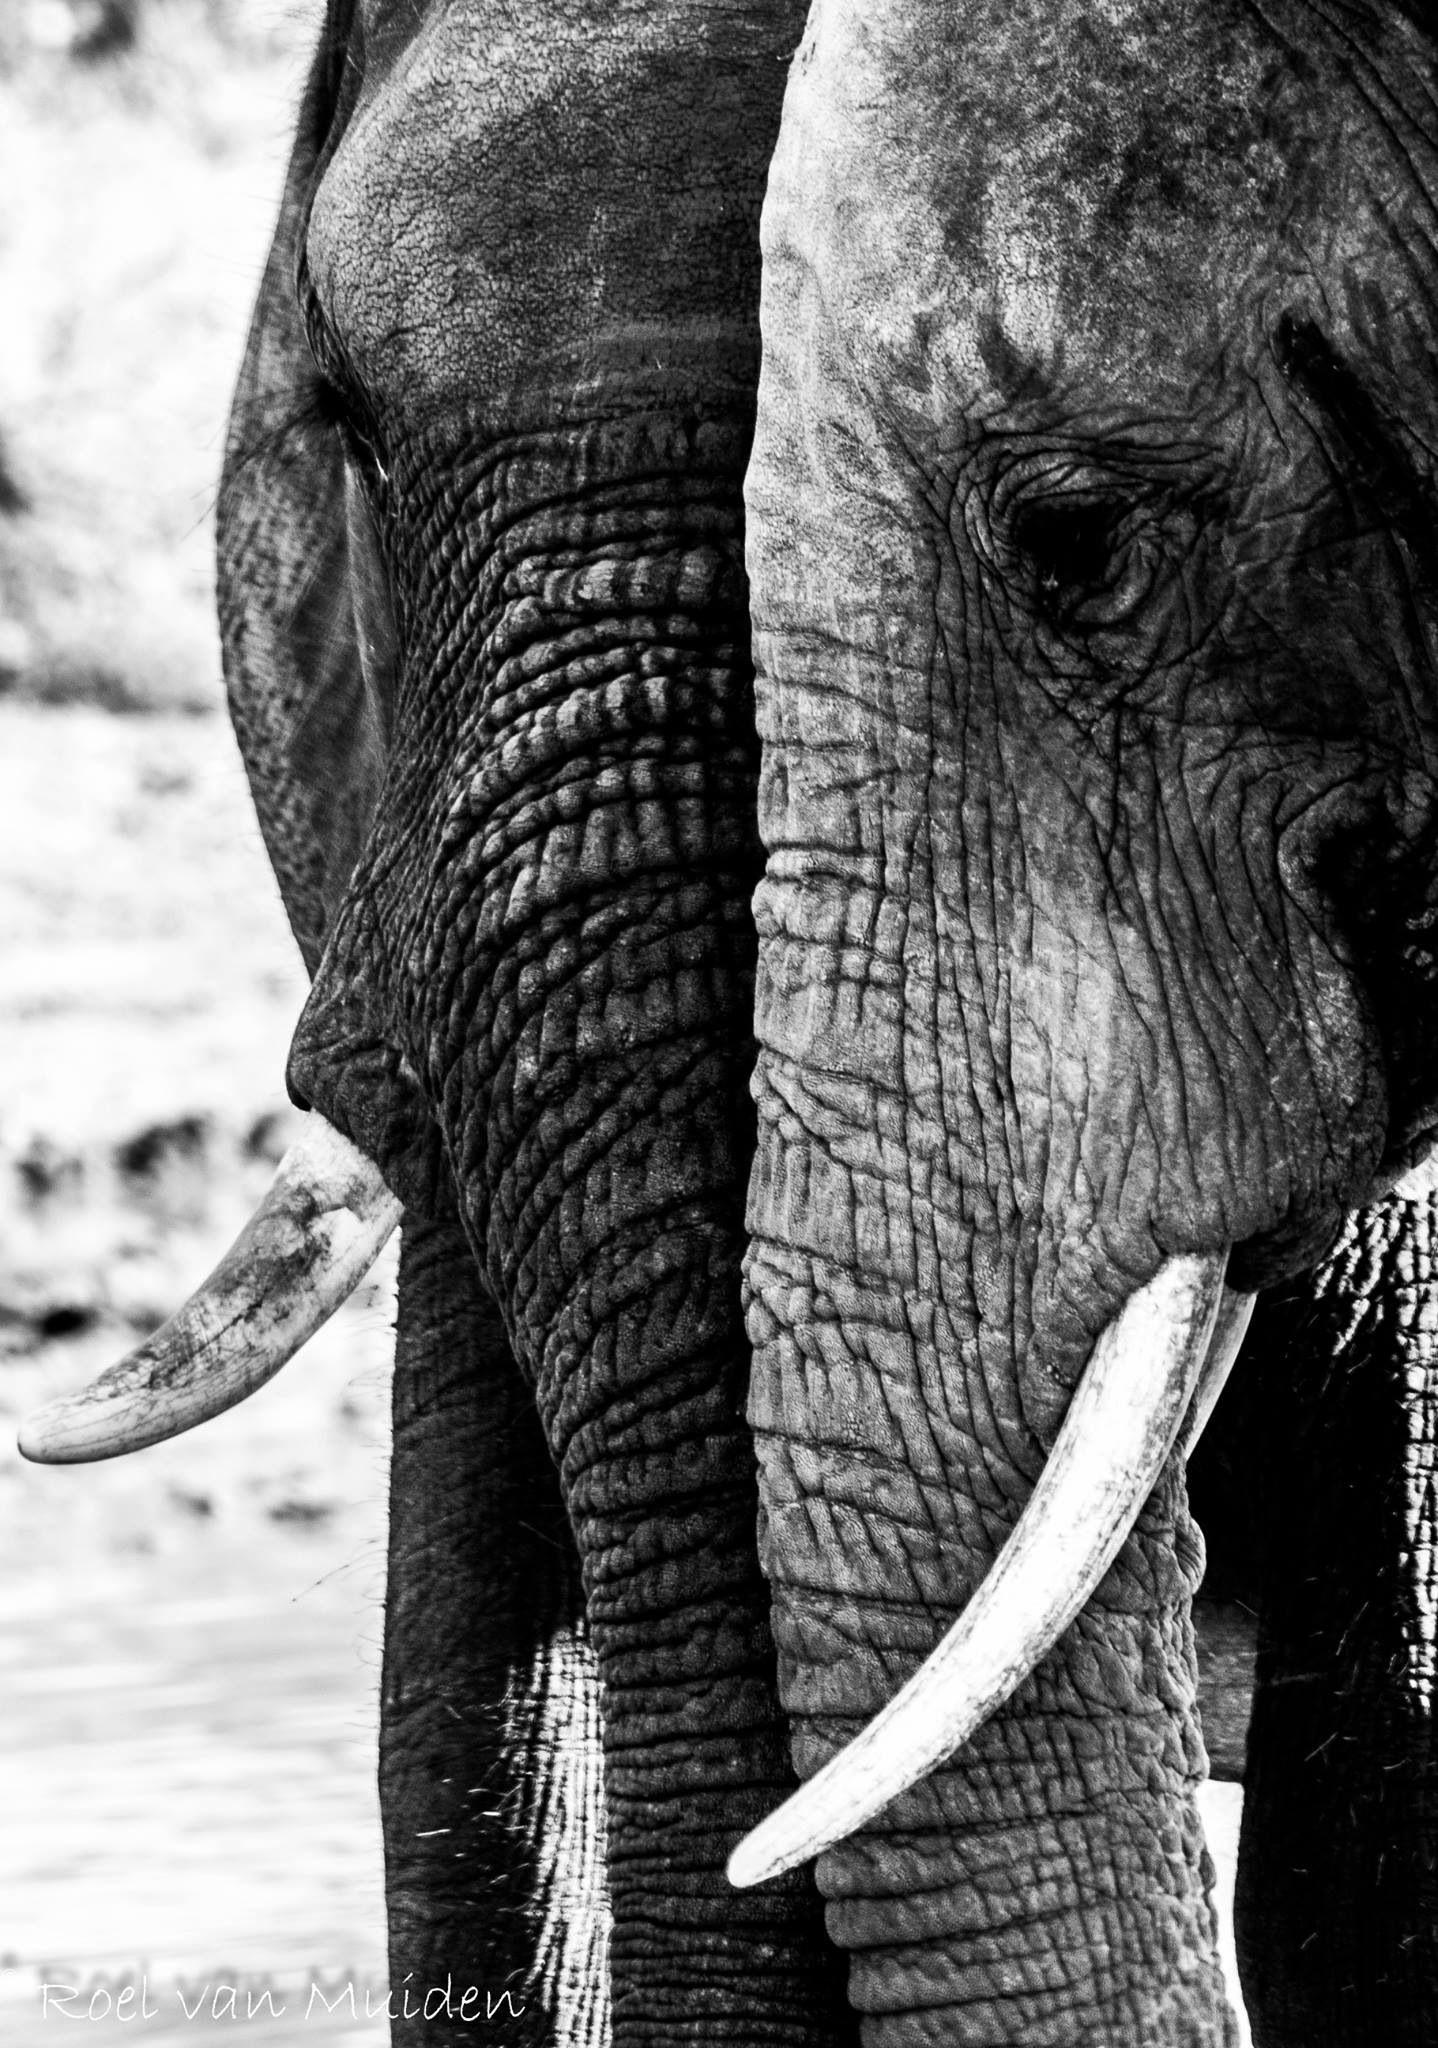 Elefantes adorables a la vista!